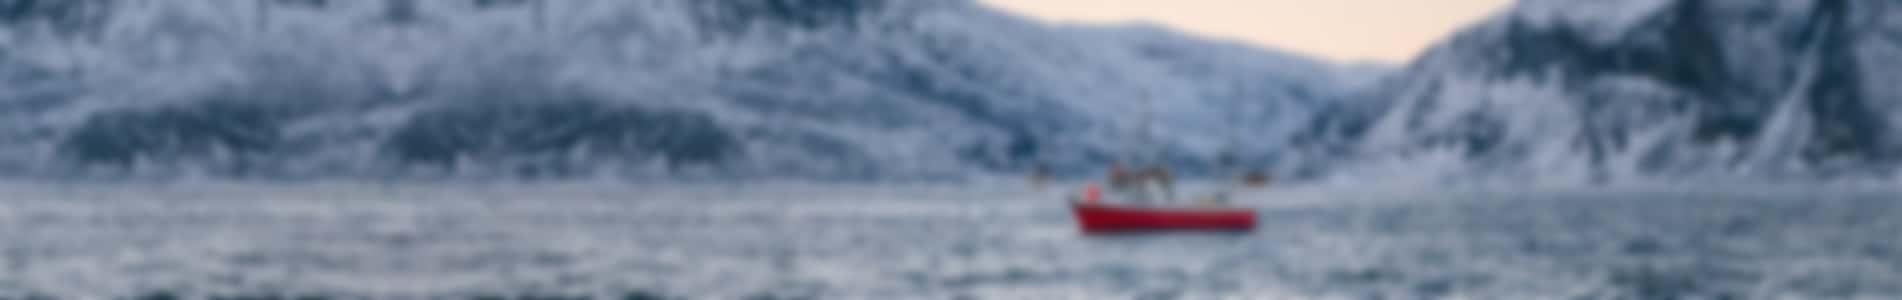 pêcheur équipé de joint tournant PSS dans un paysage hivernal